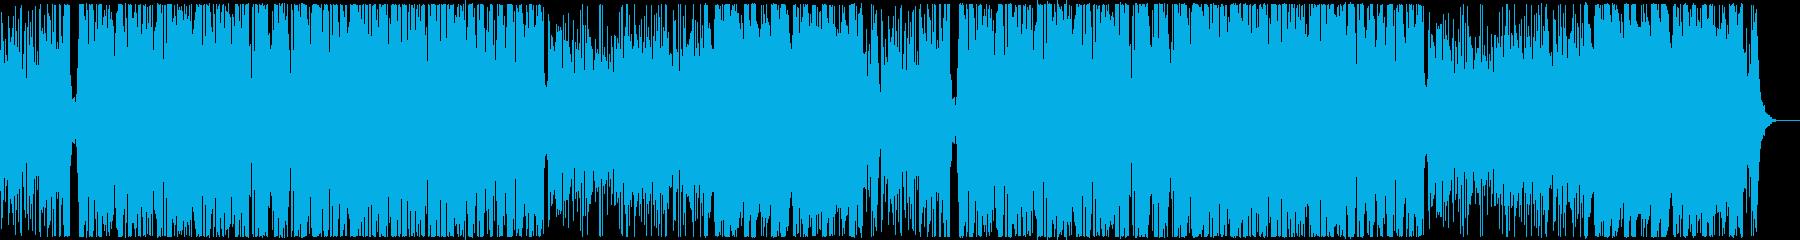 陽気なトロピカルの再生済みの波形